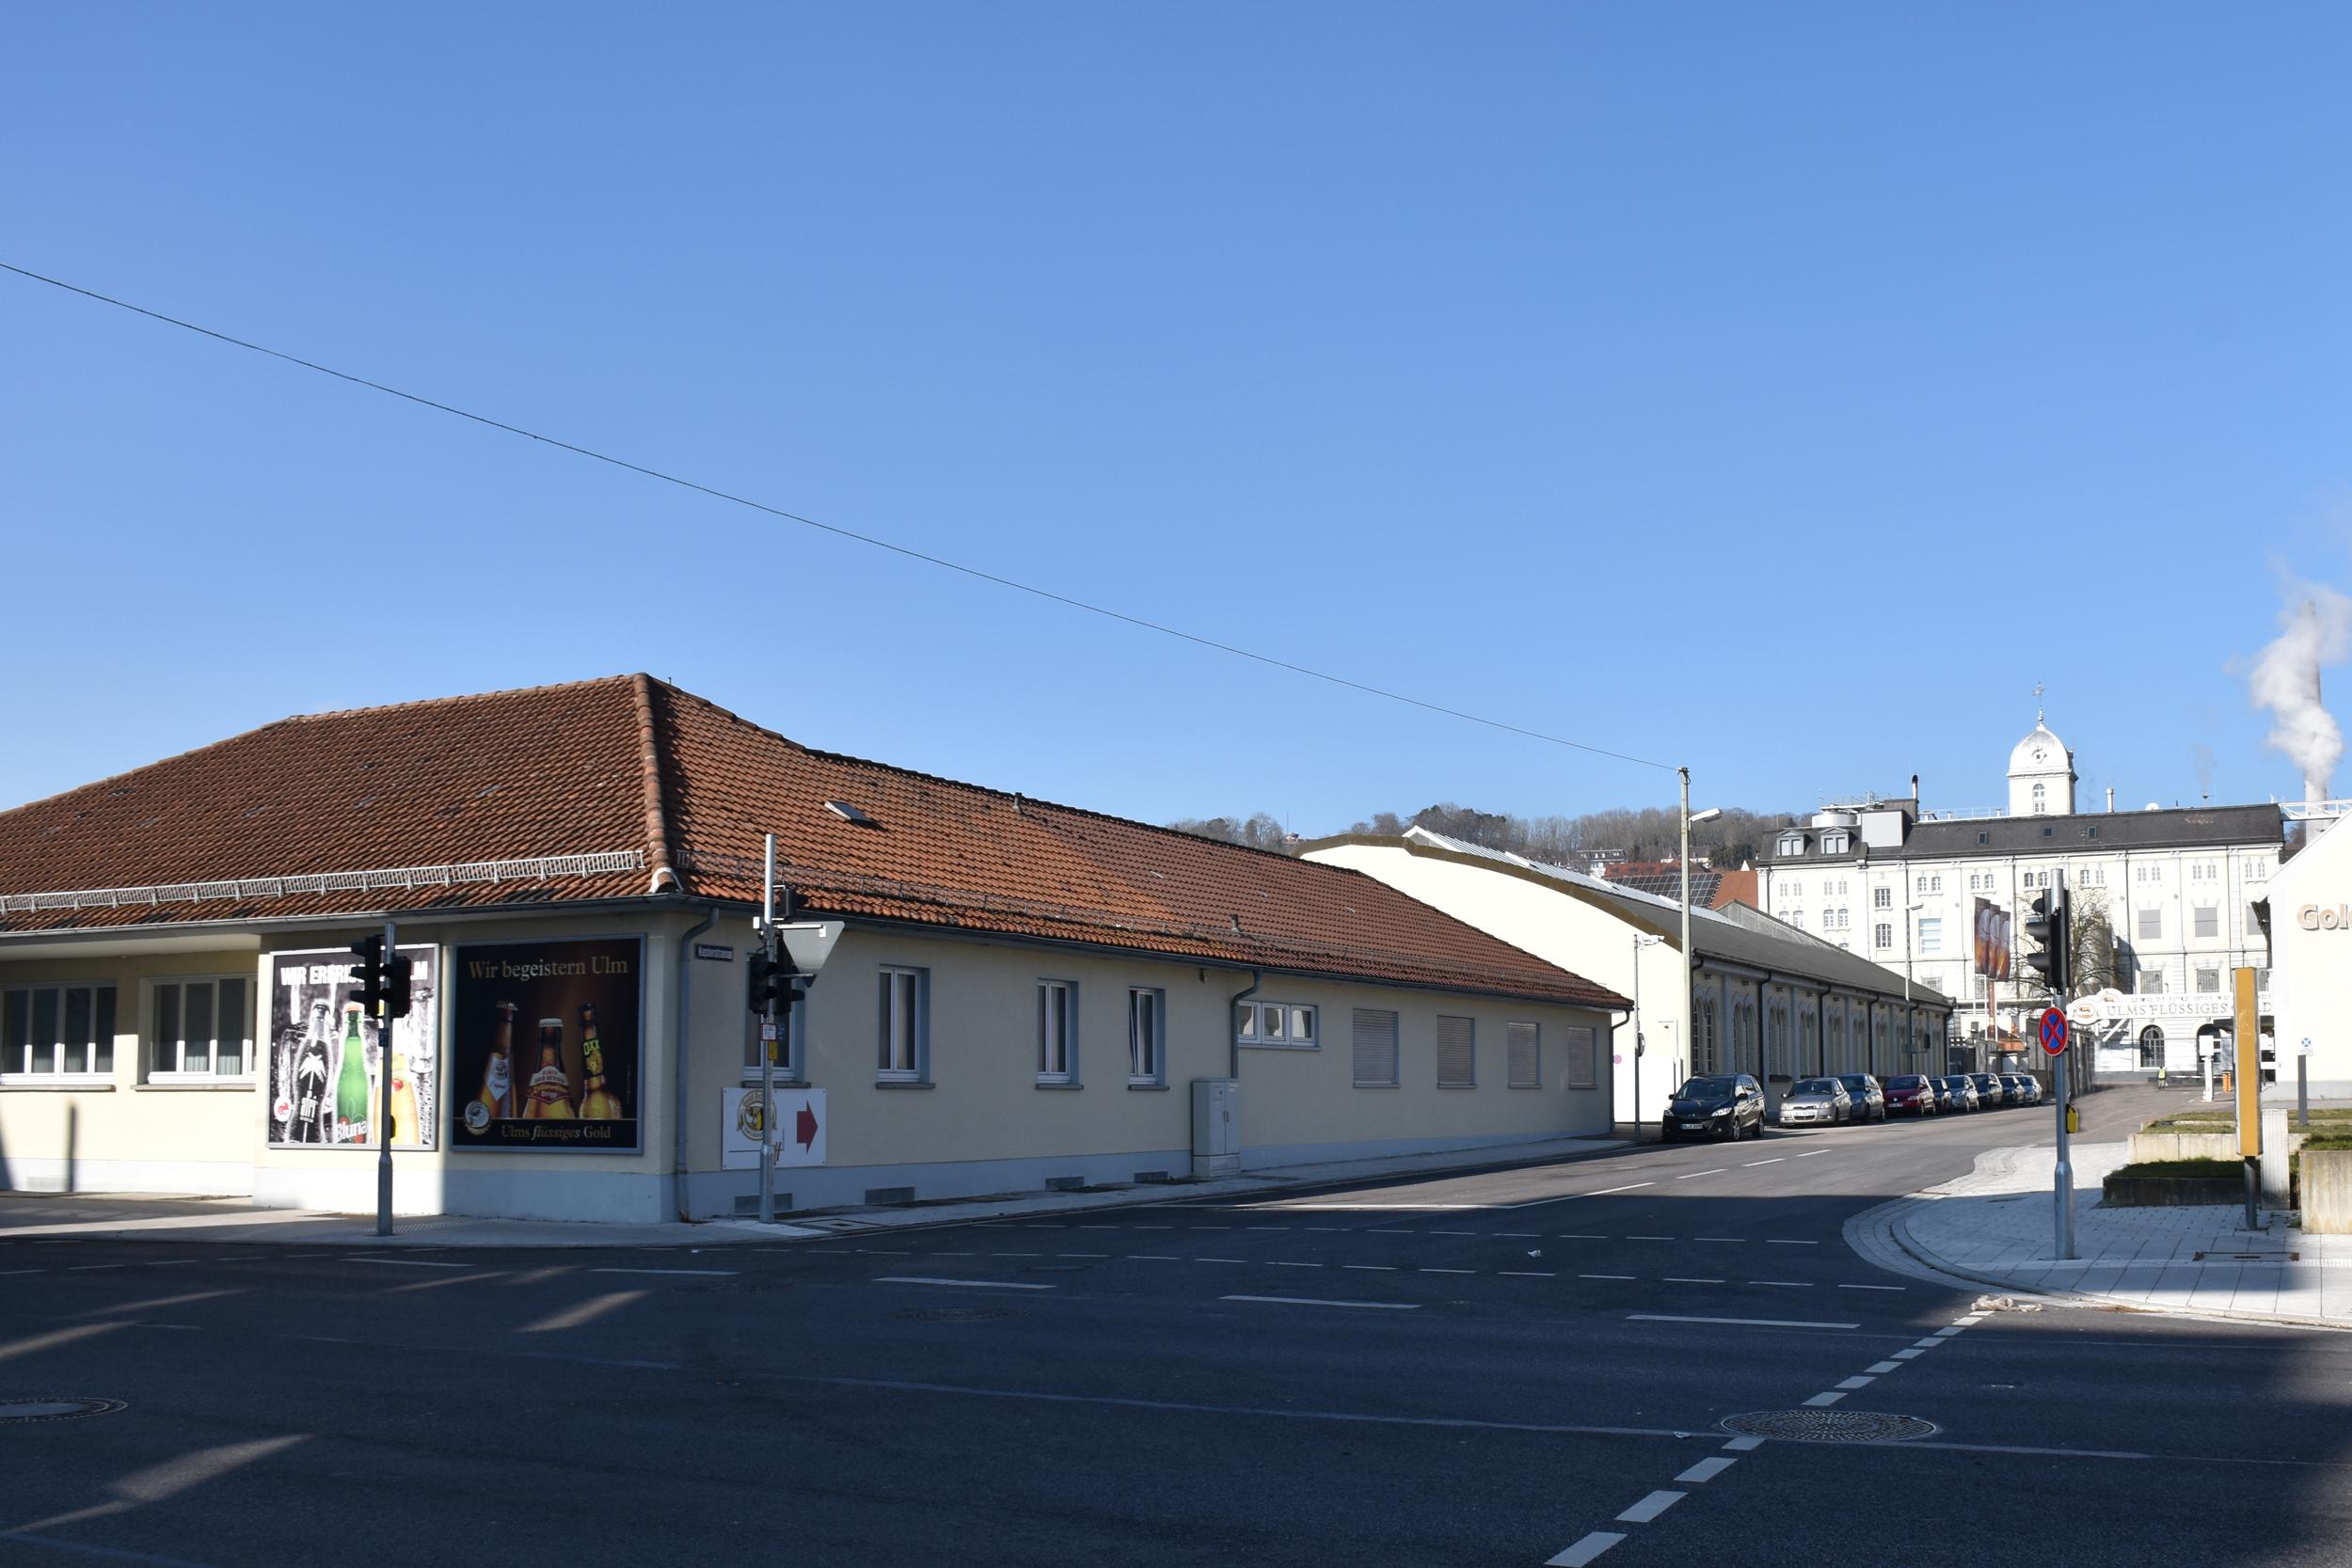 Brauerei Shop